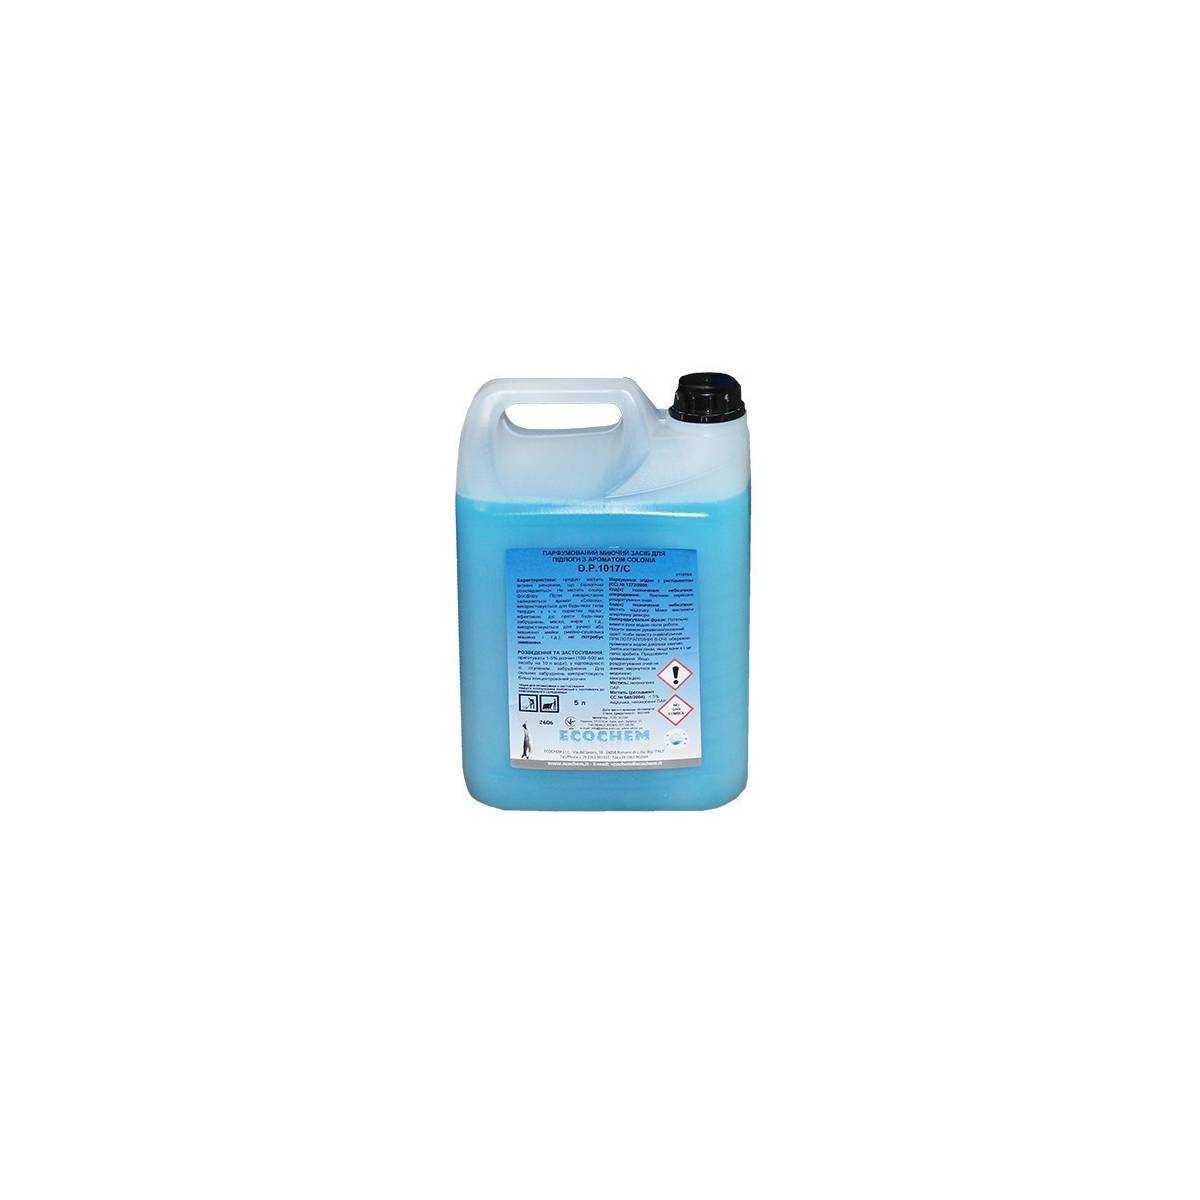 Средство моющее с ароматом «Колонья» 5л D.P.1017/C ECOCHEM